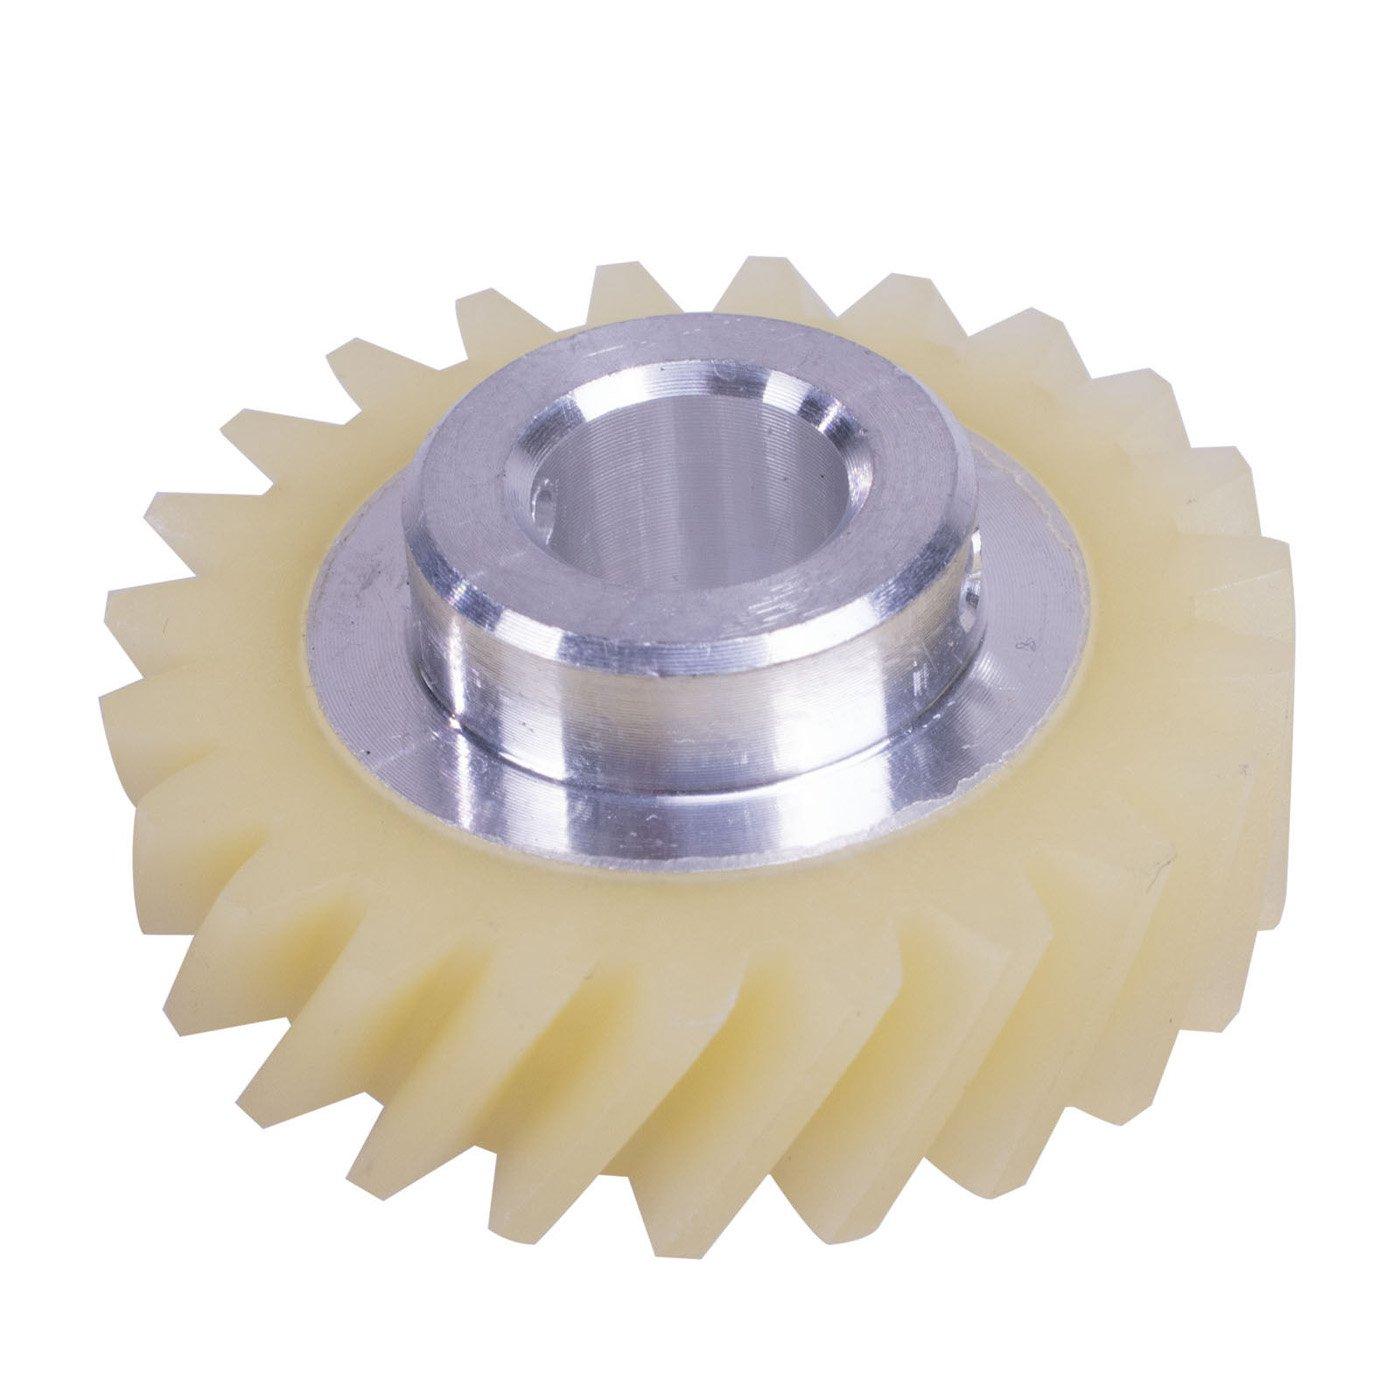 Siwdoy W10112253 Mixer Worm Gear for Whirlpool KitchenAid WPW10112253 4162897 AP4295669 PS1491159